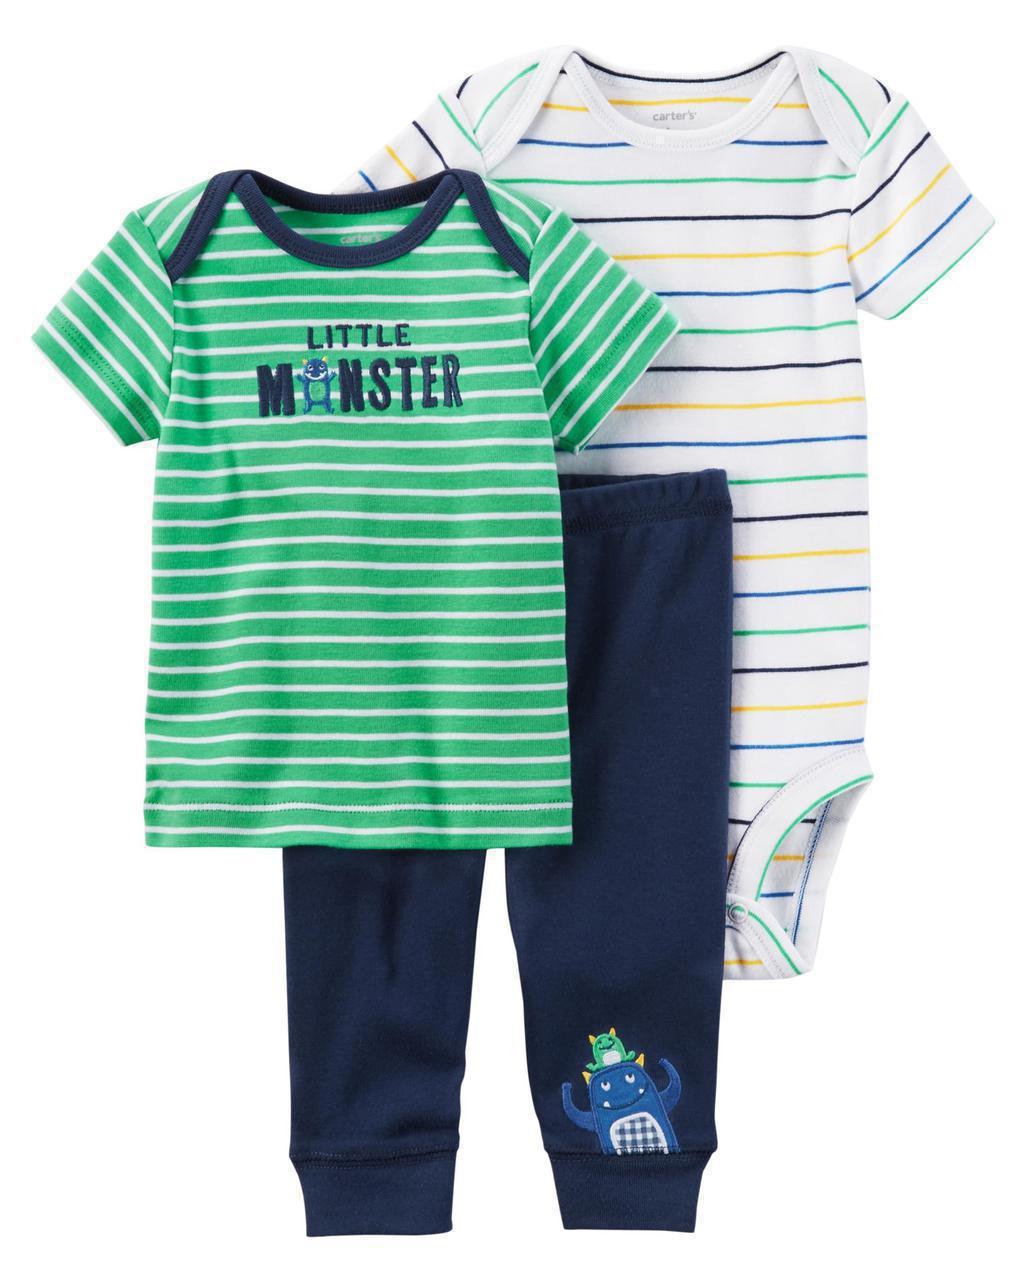 Футболка + Боди + Штаны Carters на новорожденного мальчика до 55 см. Комплект тройка